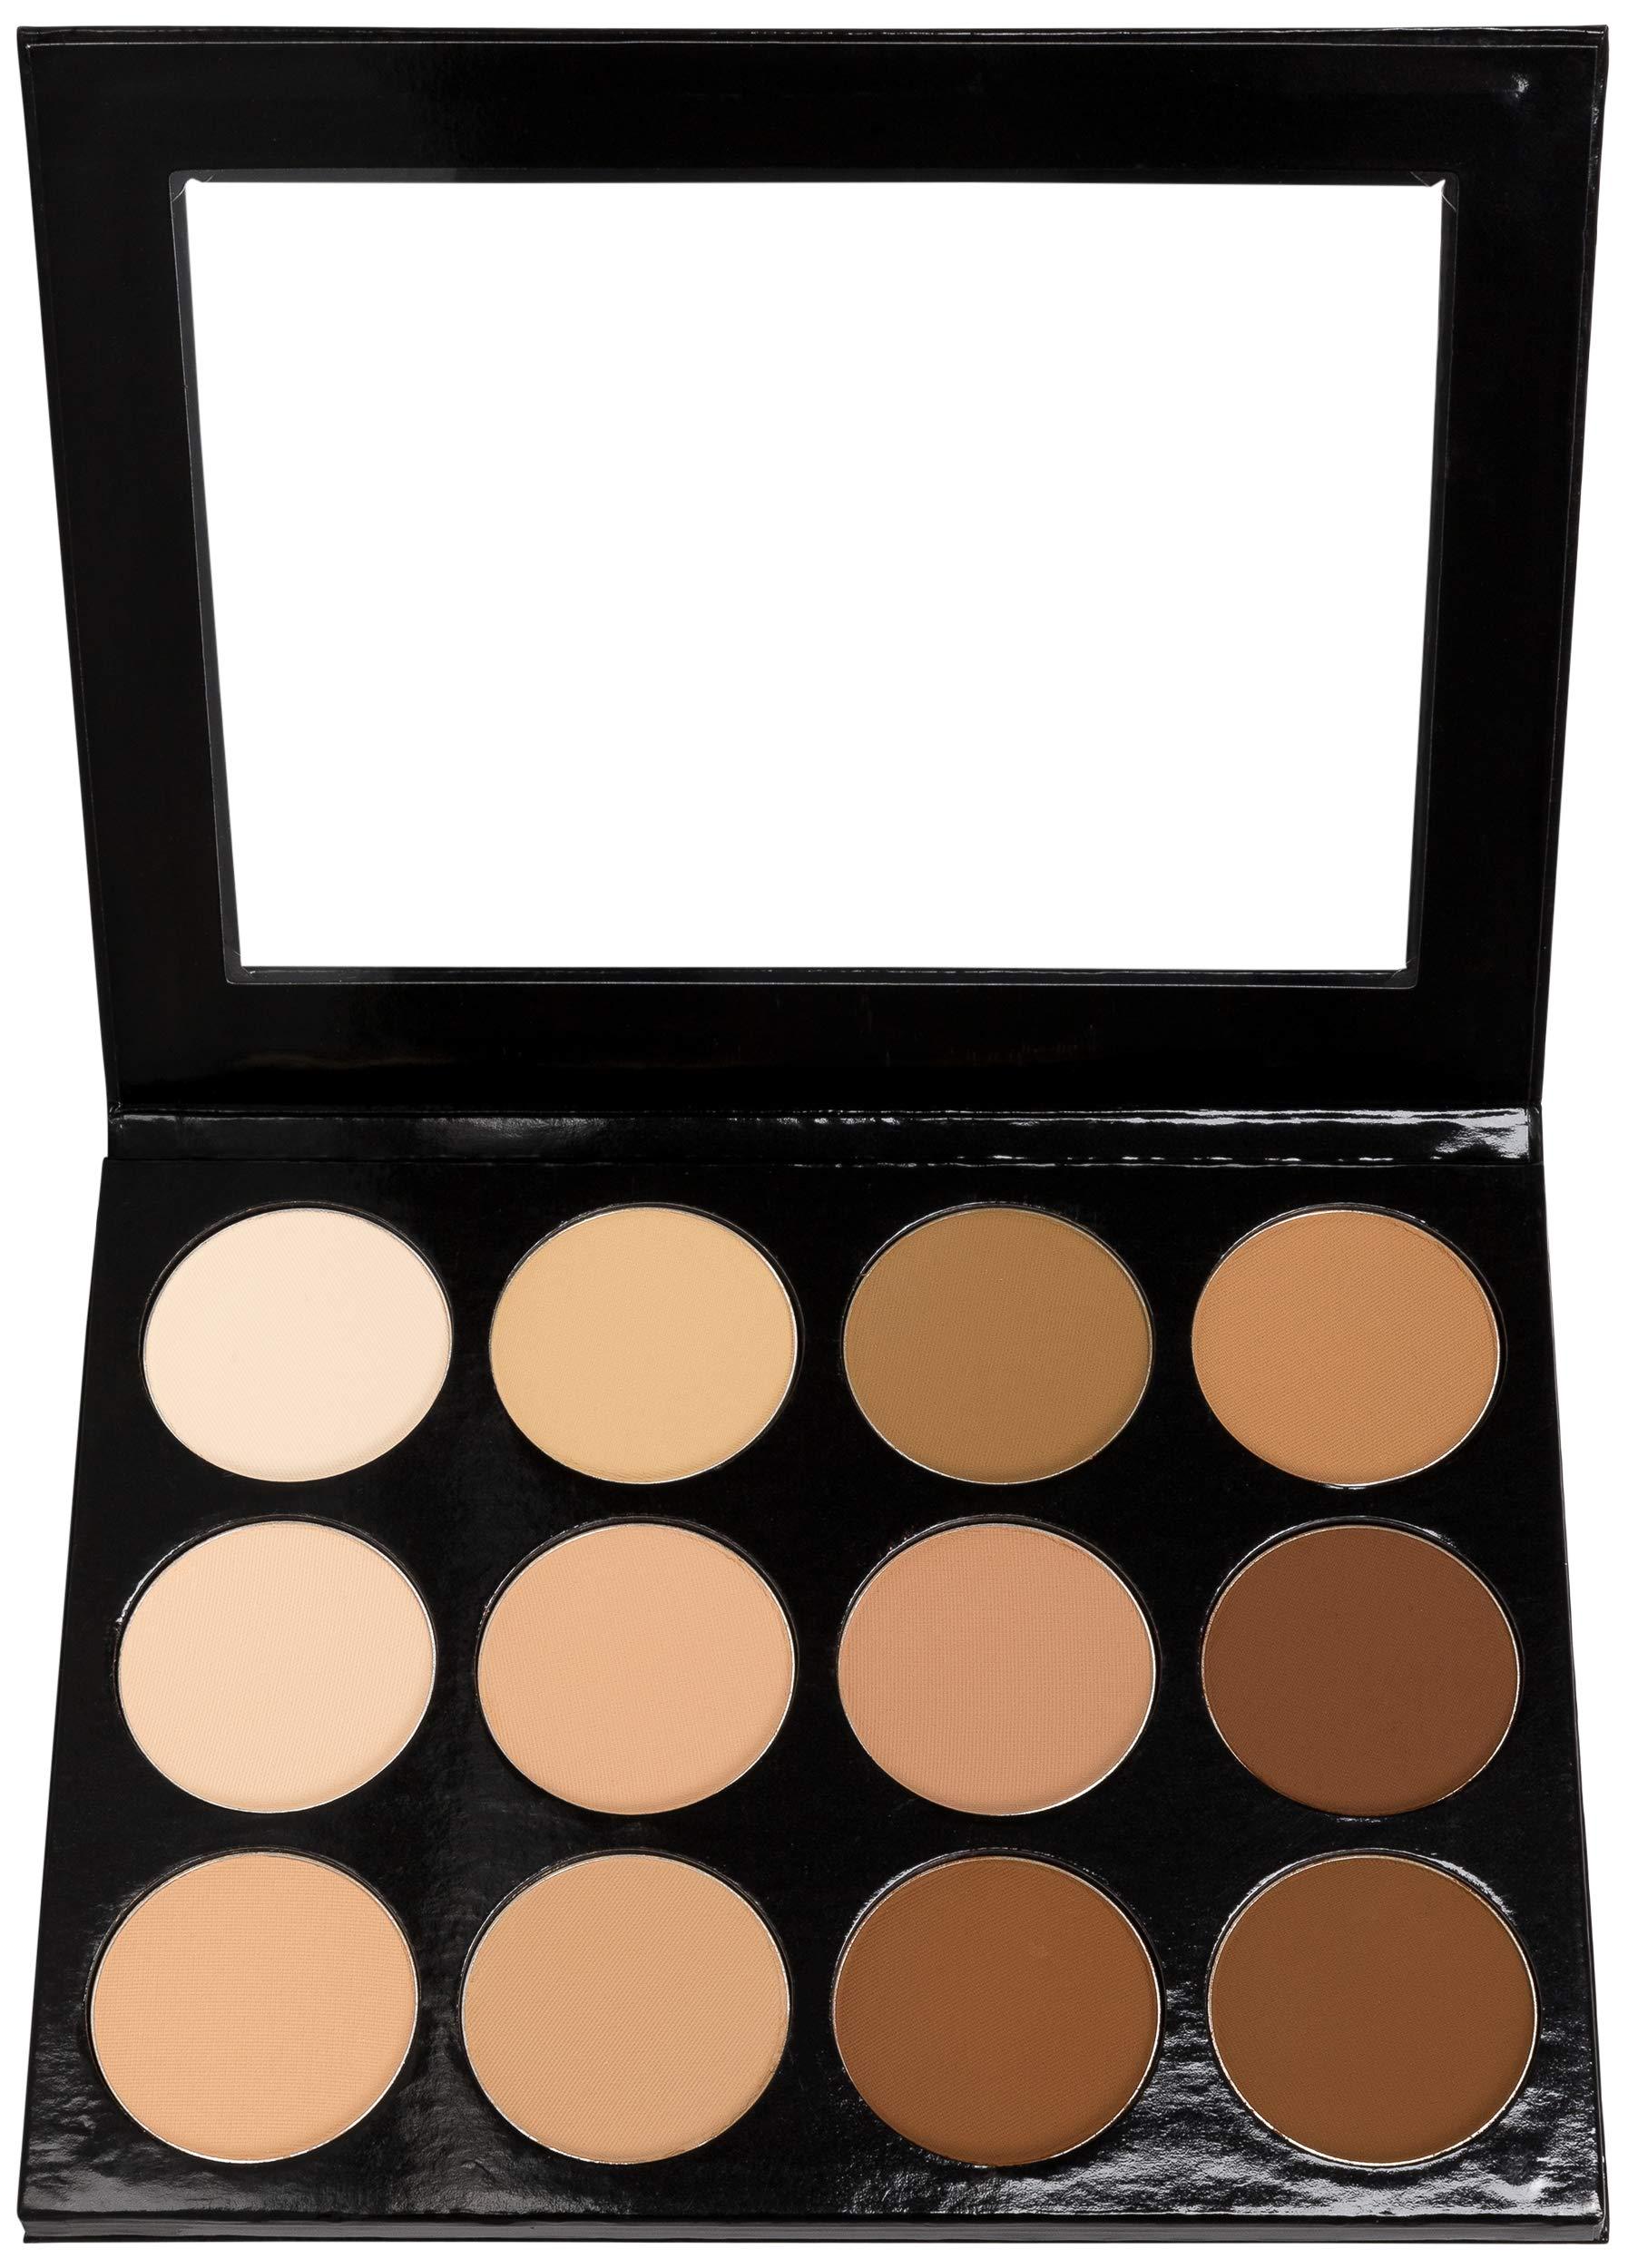 Mehron Makeup Celebré Pro-HD Pressed Powder, Contour & Highlight Palette by Mehron (Image #1)